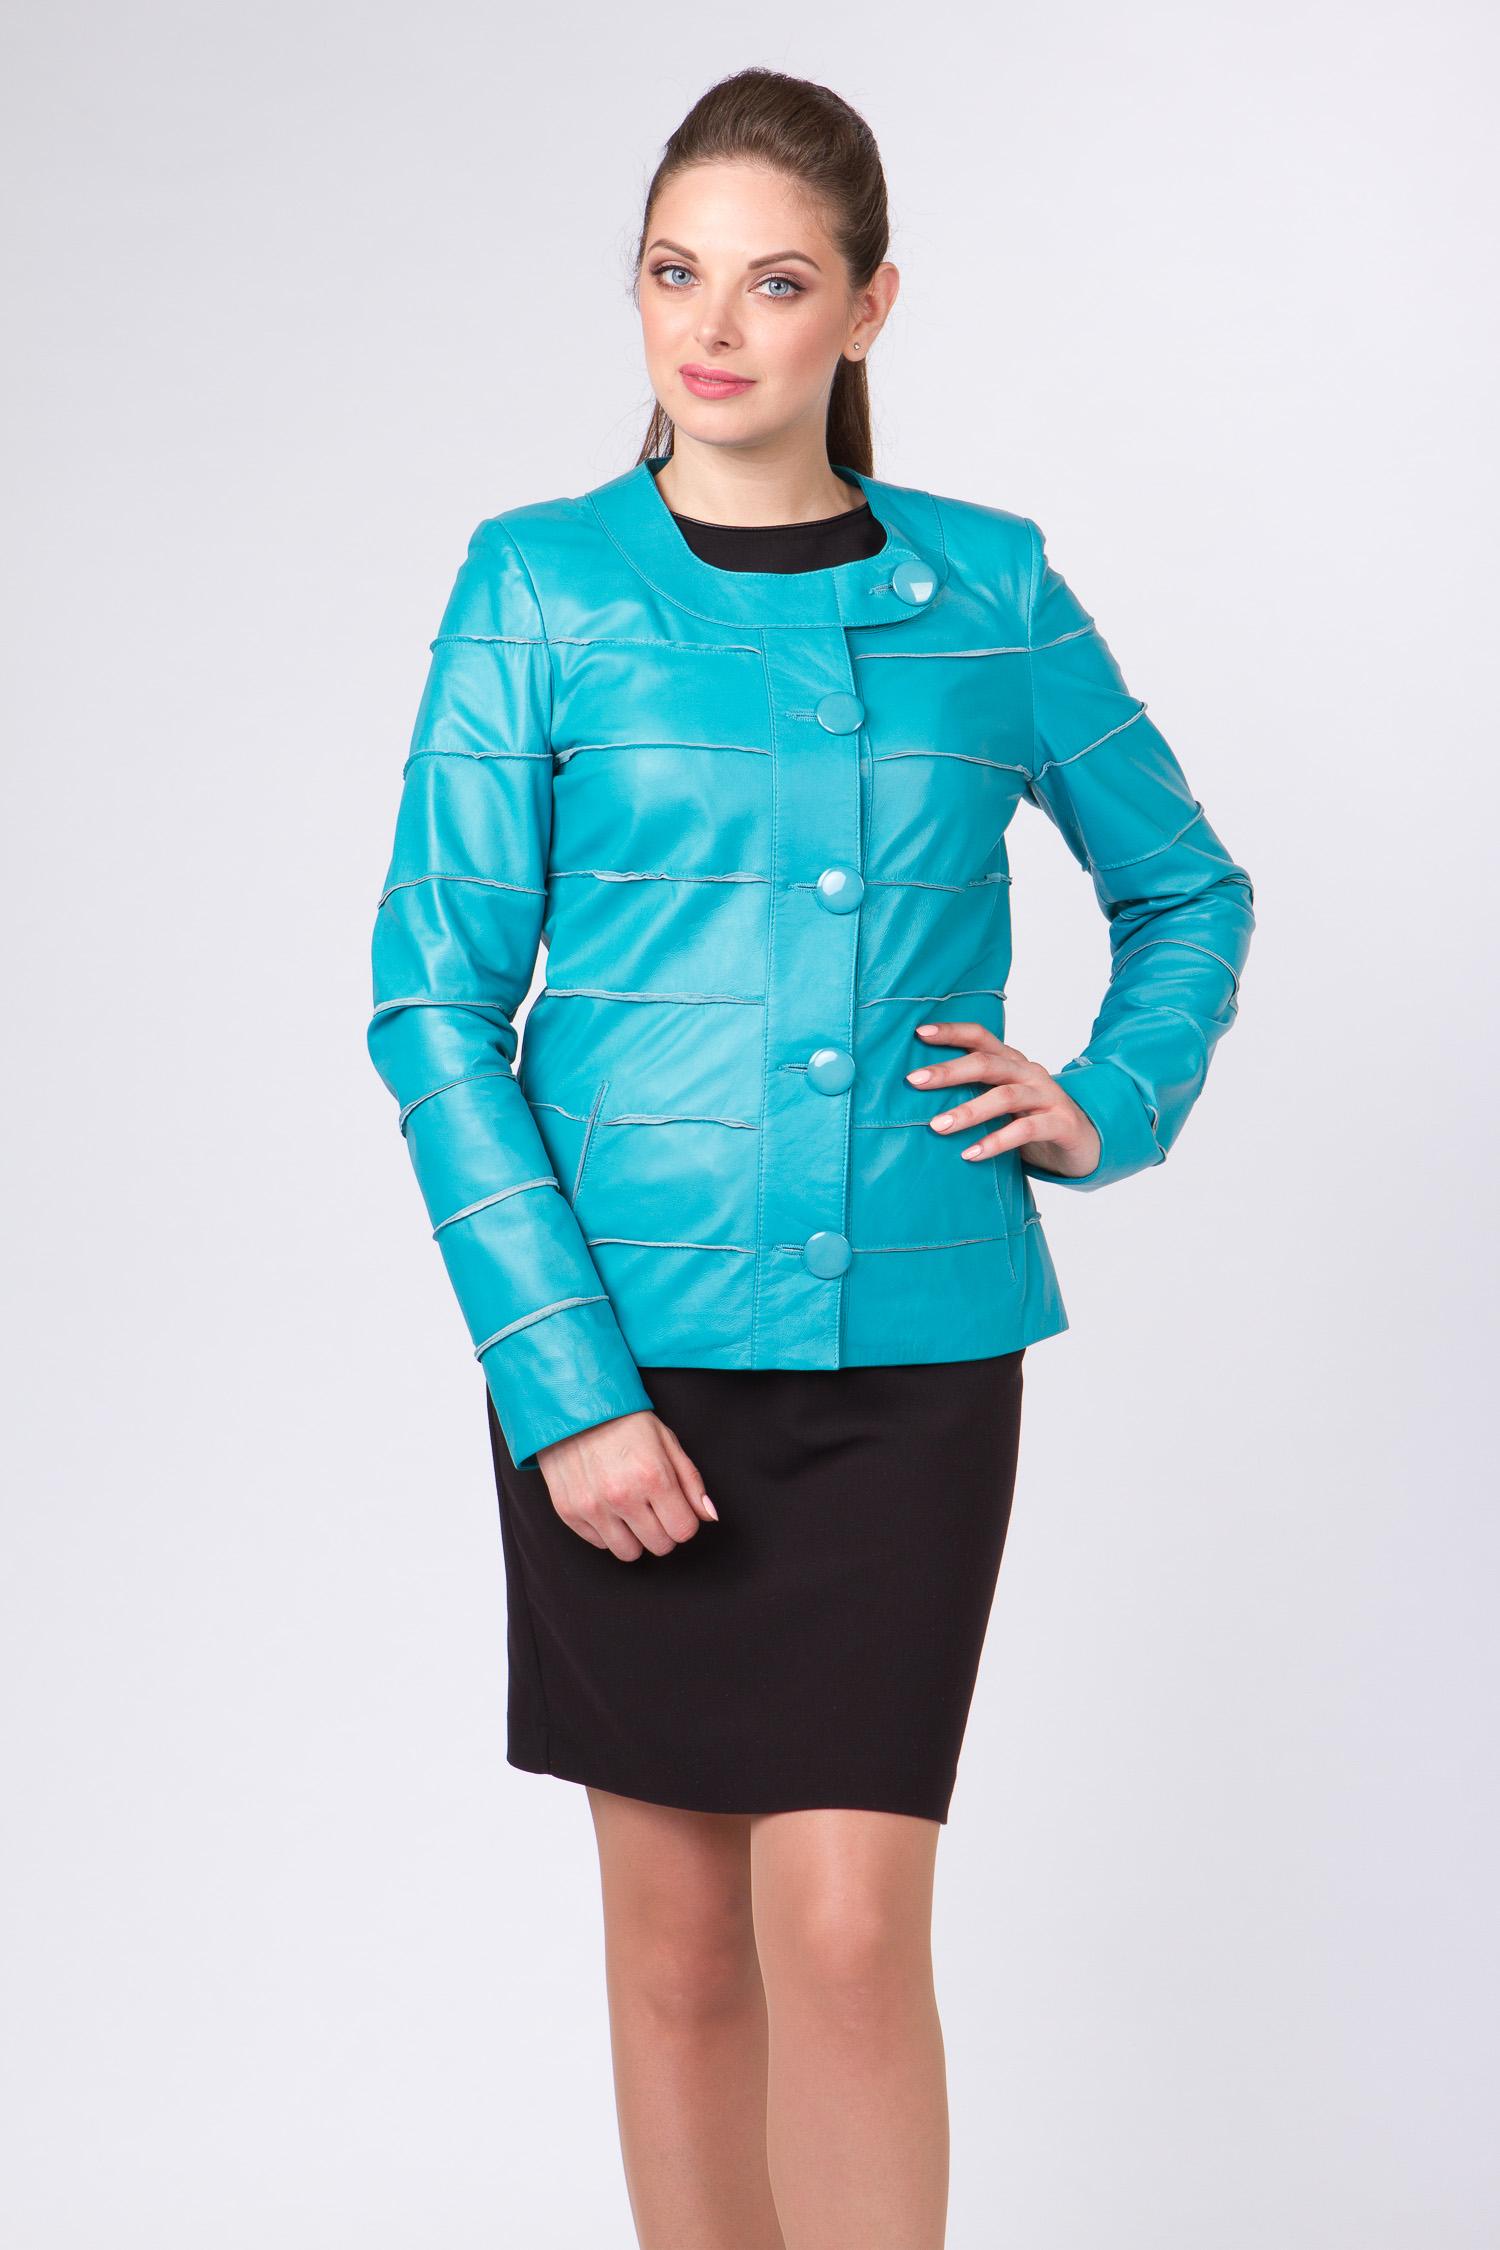 Купить со скидкой Женская кожаная куртка из натуральной кожи без воротника, без отделки